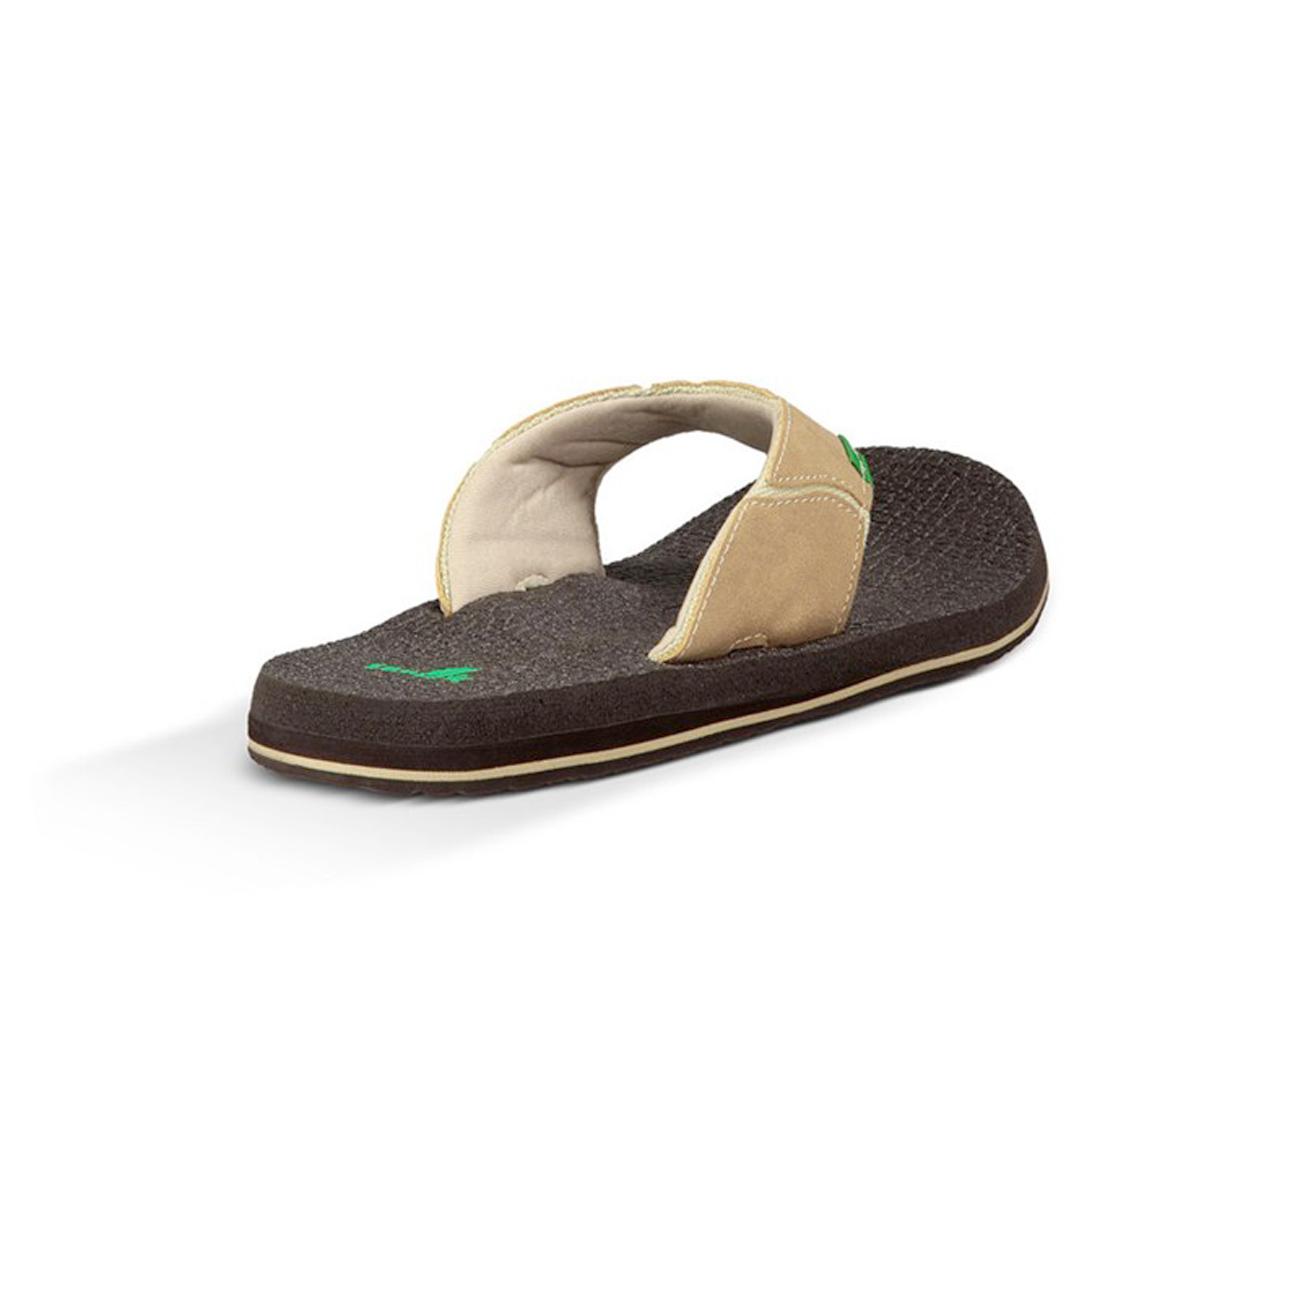 sanuk sandals fault line flip flops summer beach. Black Bedroom Furniture Sets. Home Design Ideas